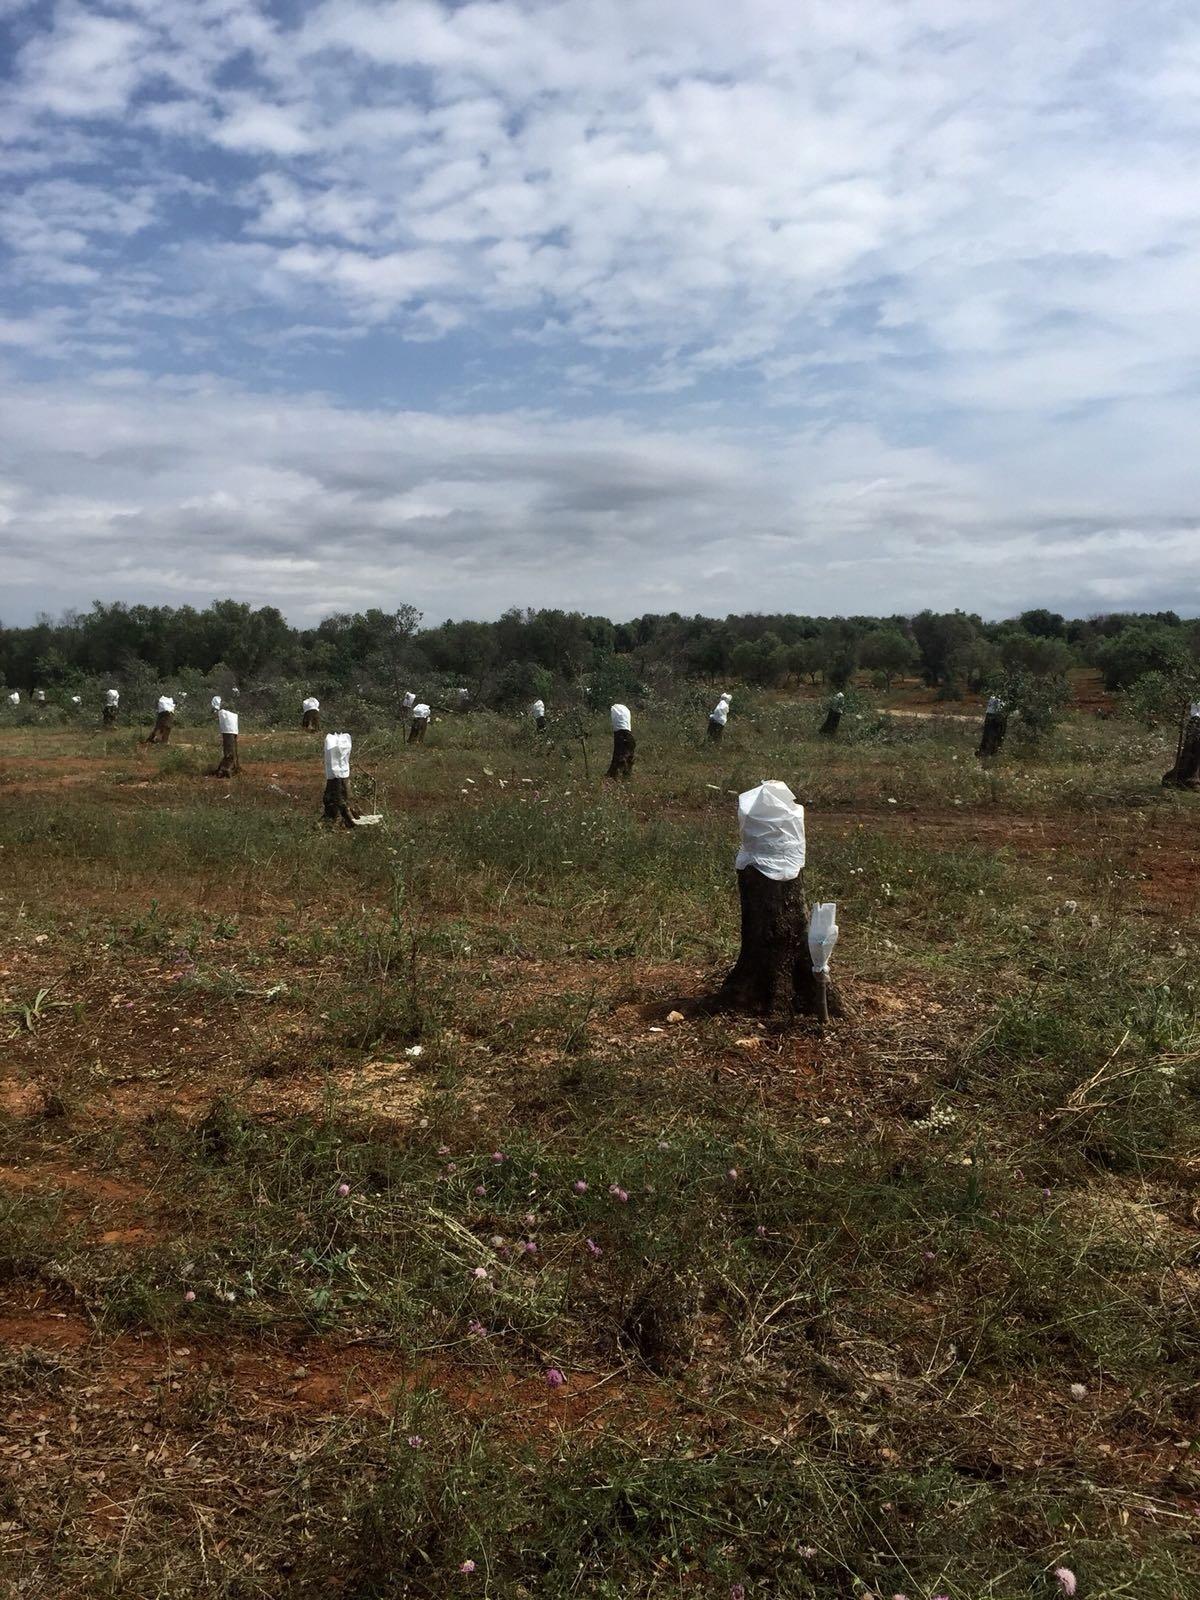 Rigenerazione olivicola nel Salento, Cia Agricoltori Italiani sostiene che molte imprese ne siano rimaste escluse